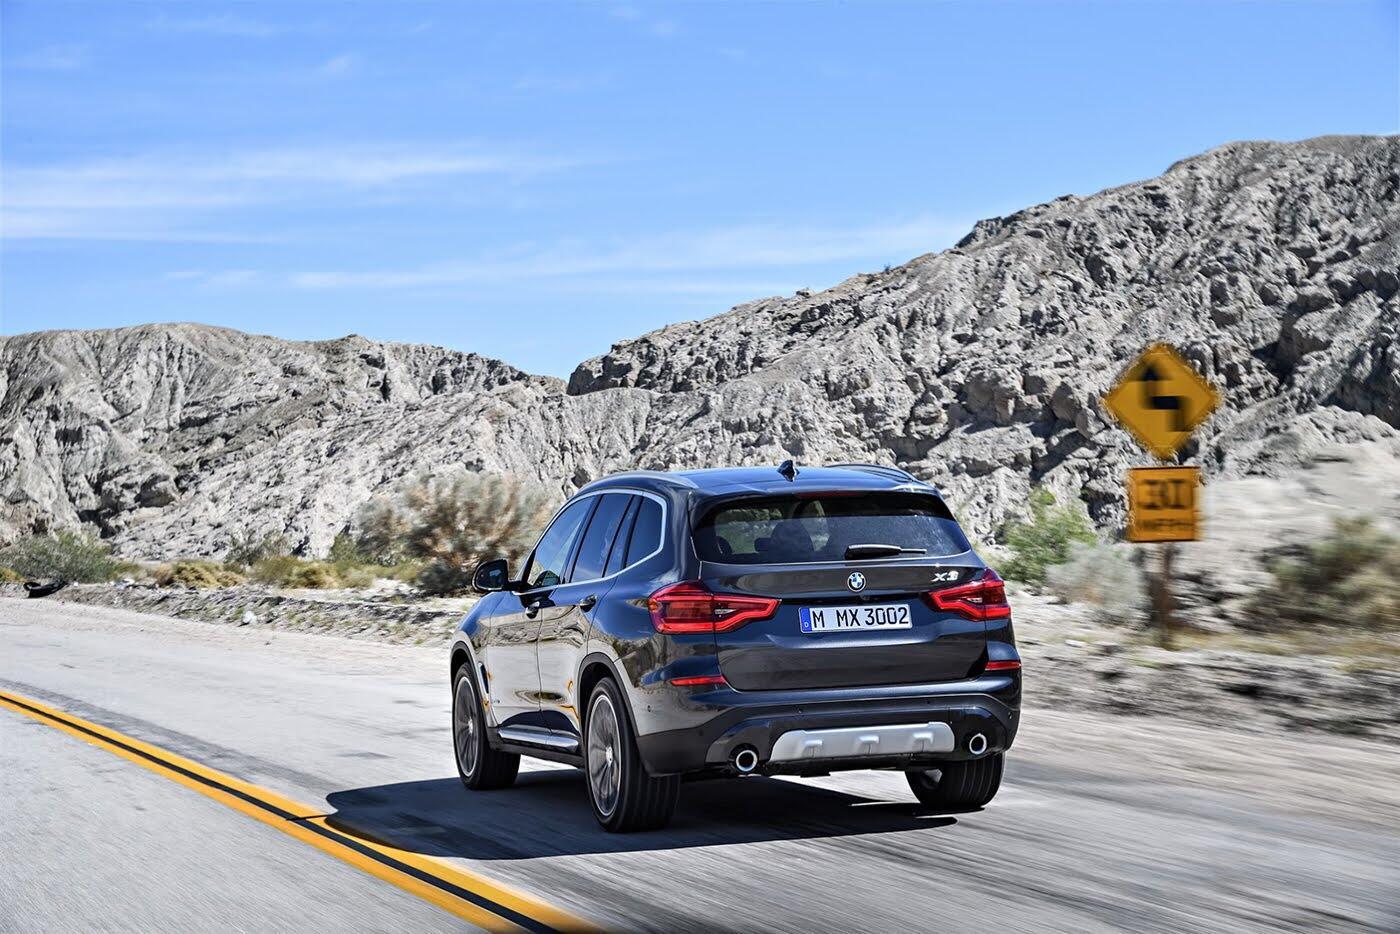 Ảnh chi tiết BMW X3 2018 hoàn toàn mới - Hình 9